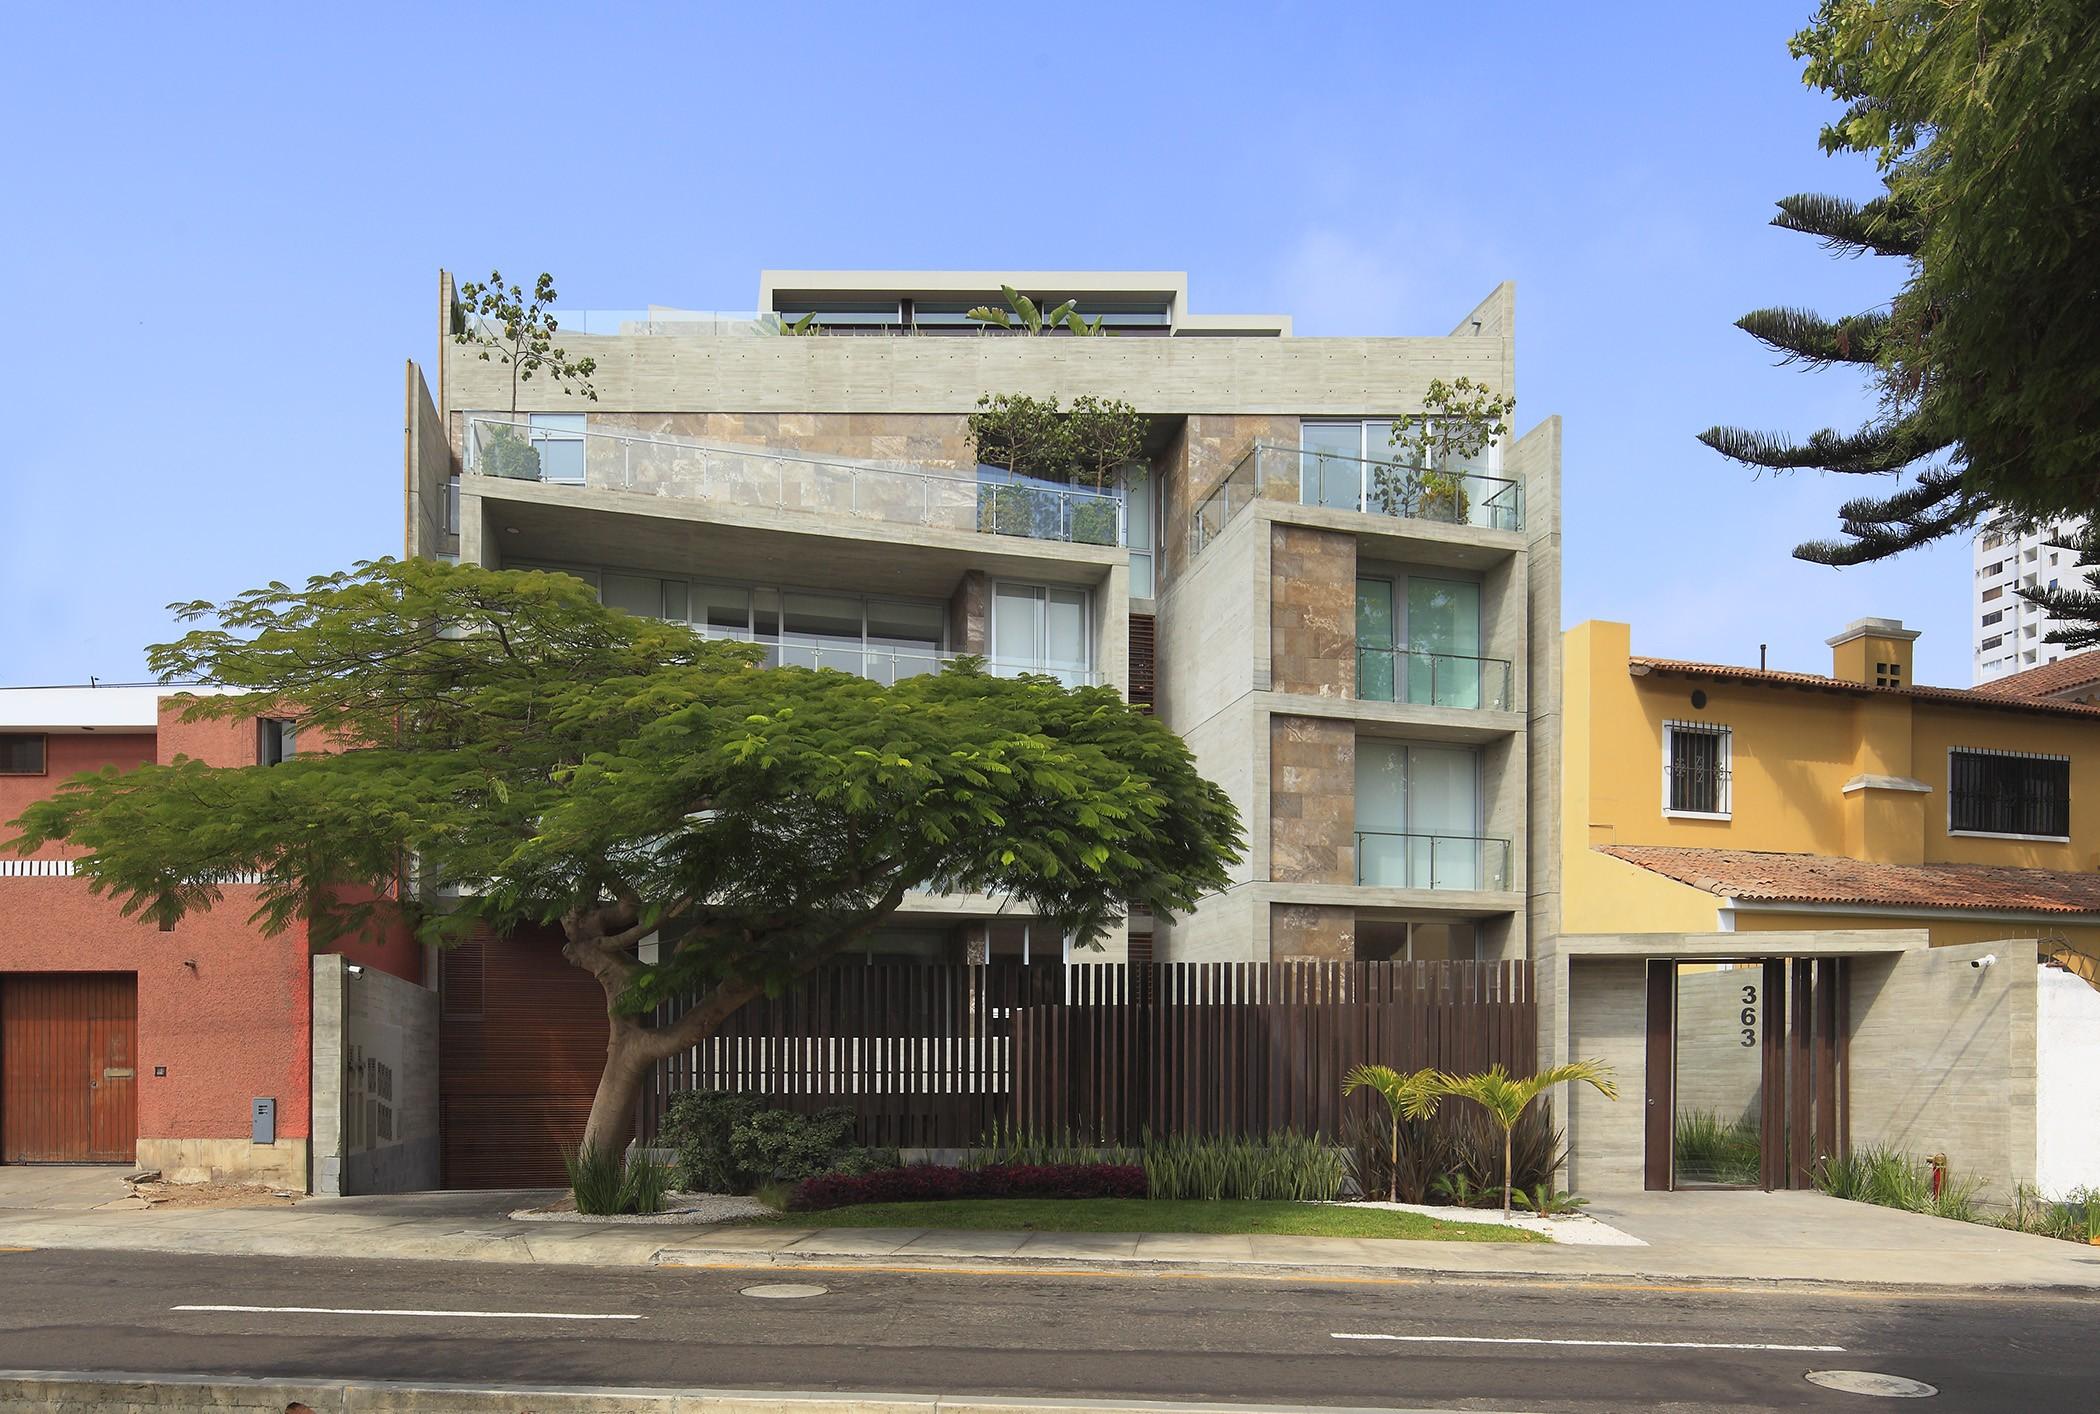 Edificio Multifamiliar Huallamarca, San Isidro, Lima, Perú